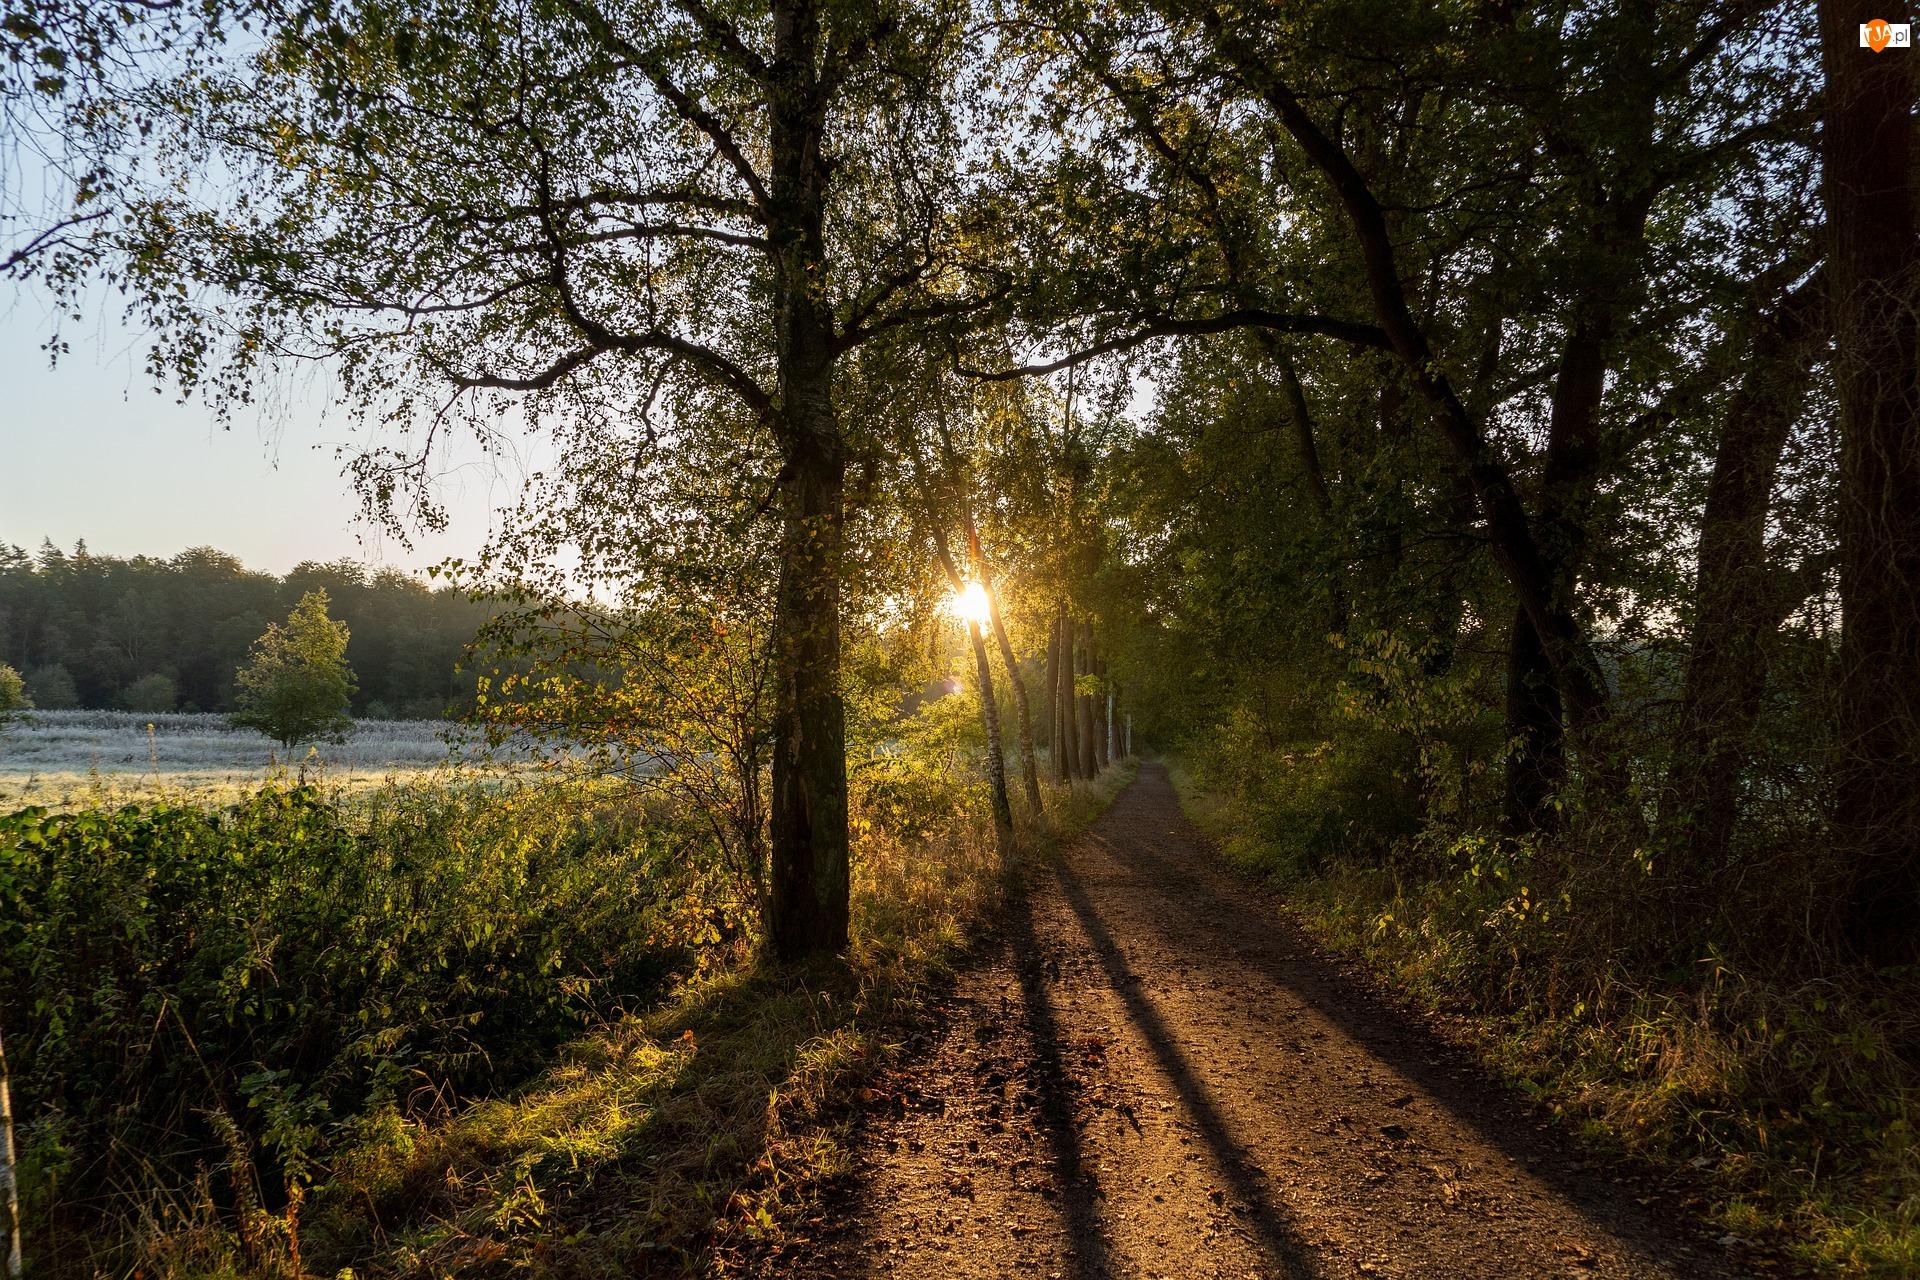 Droga, Łąka, Wschód słońca, Drzewa, Cienie